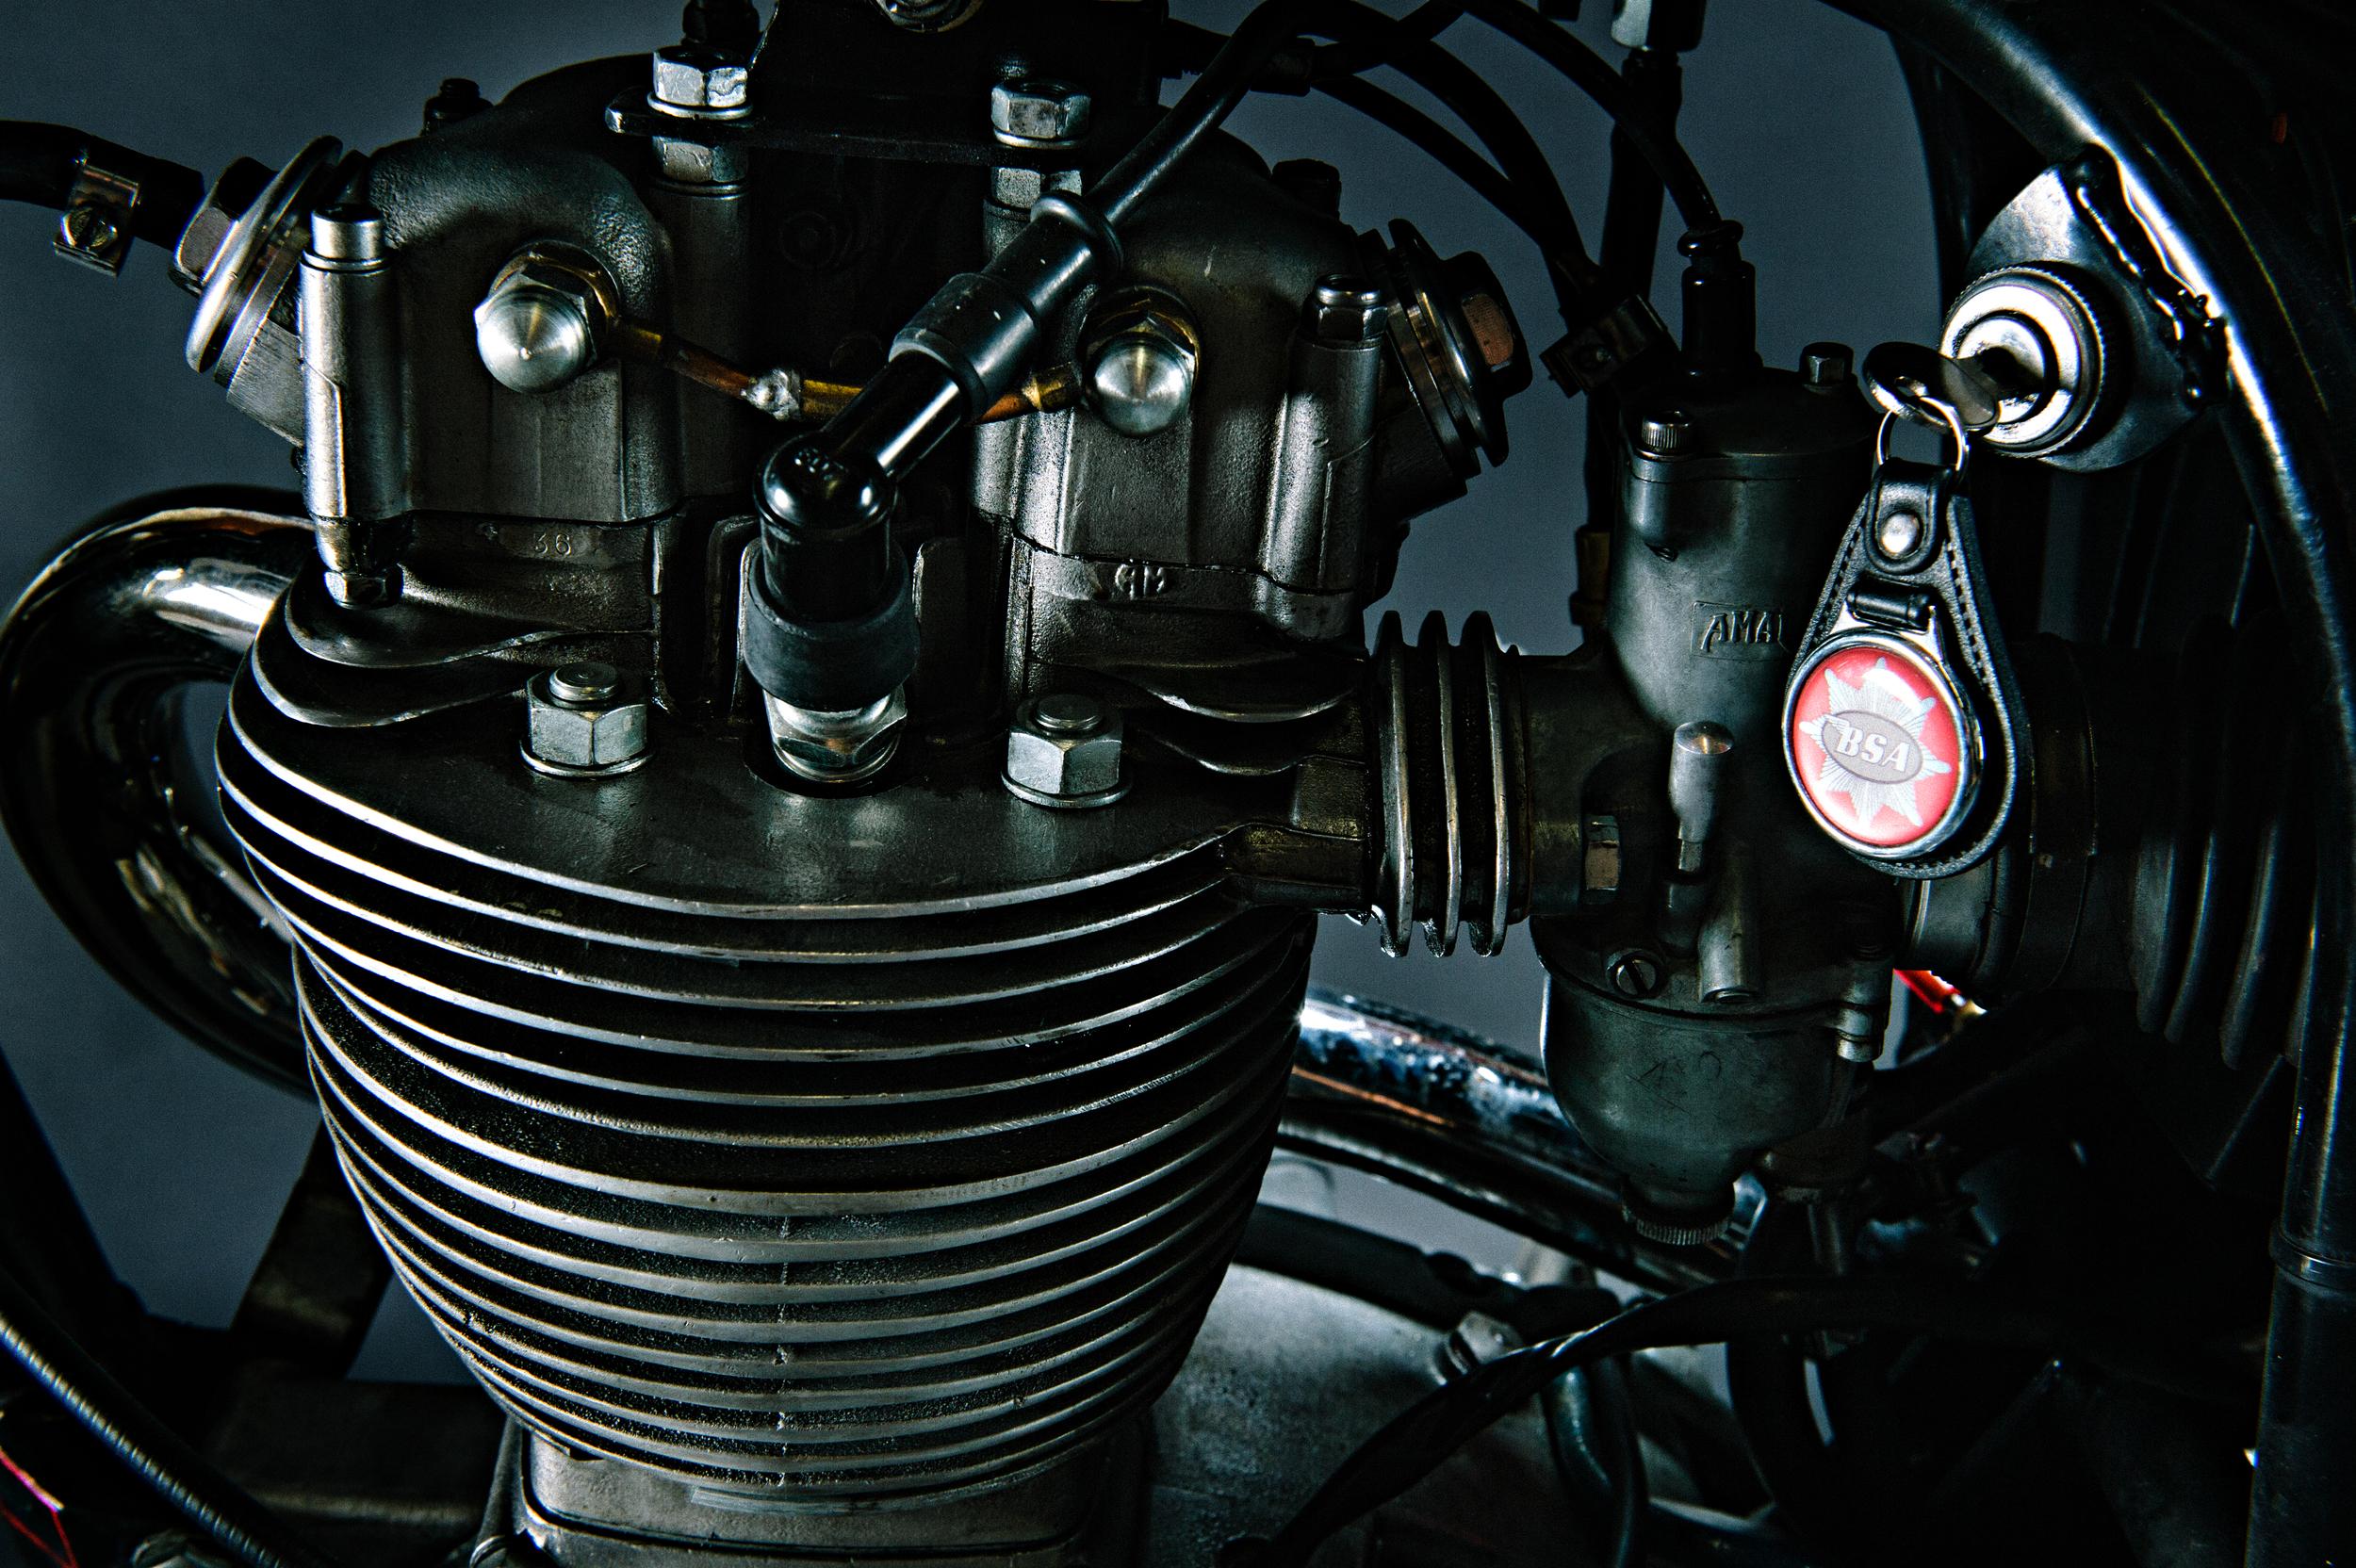 BSA_ByLorenzrichard.com-5254.jpg